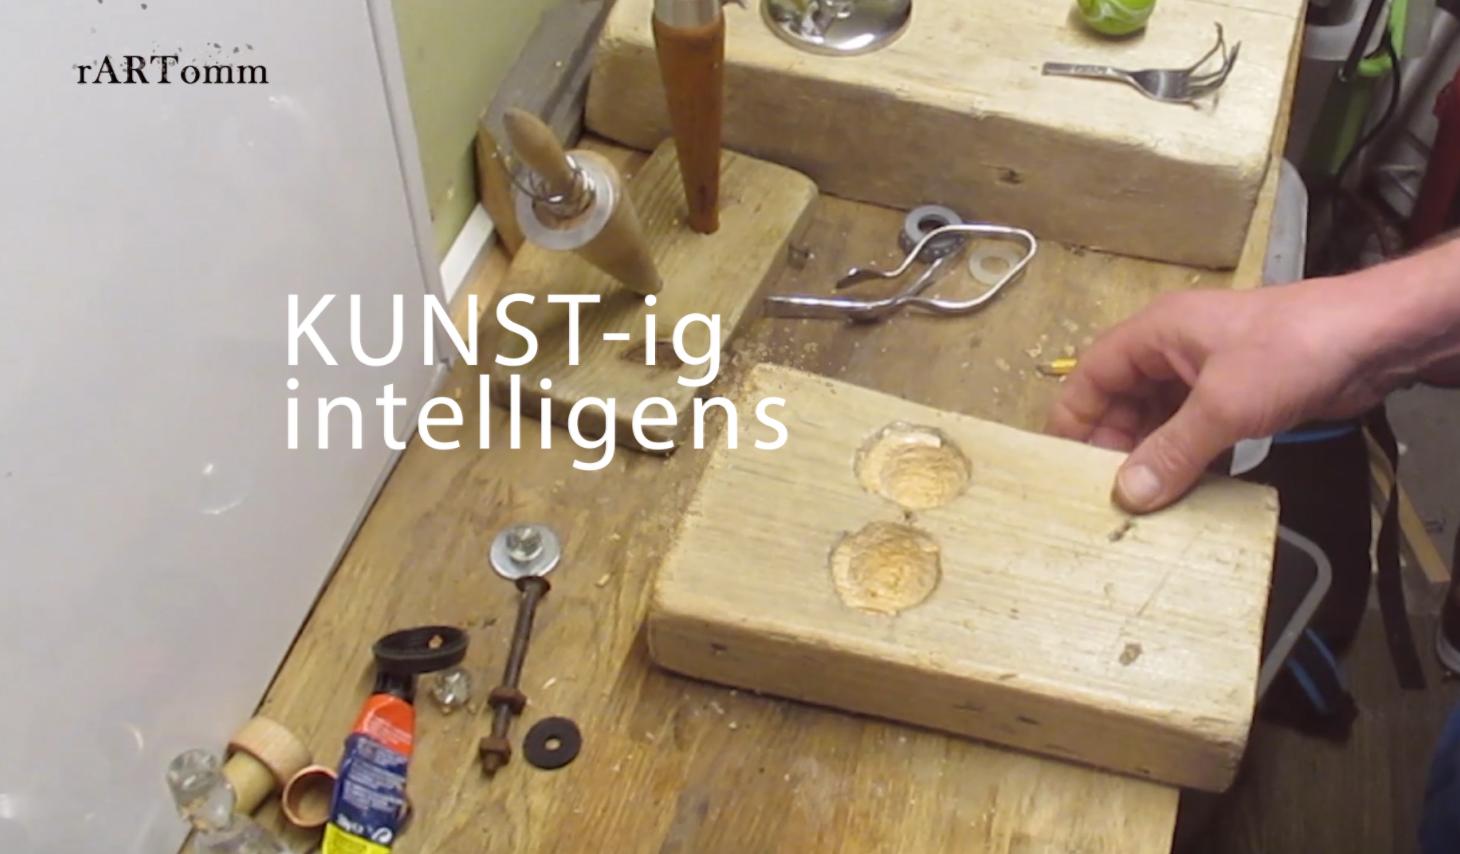 kunst_ig_intelligens_tommetanker